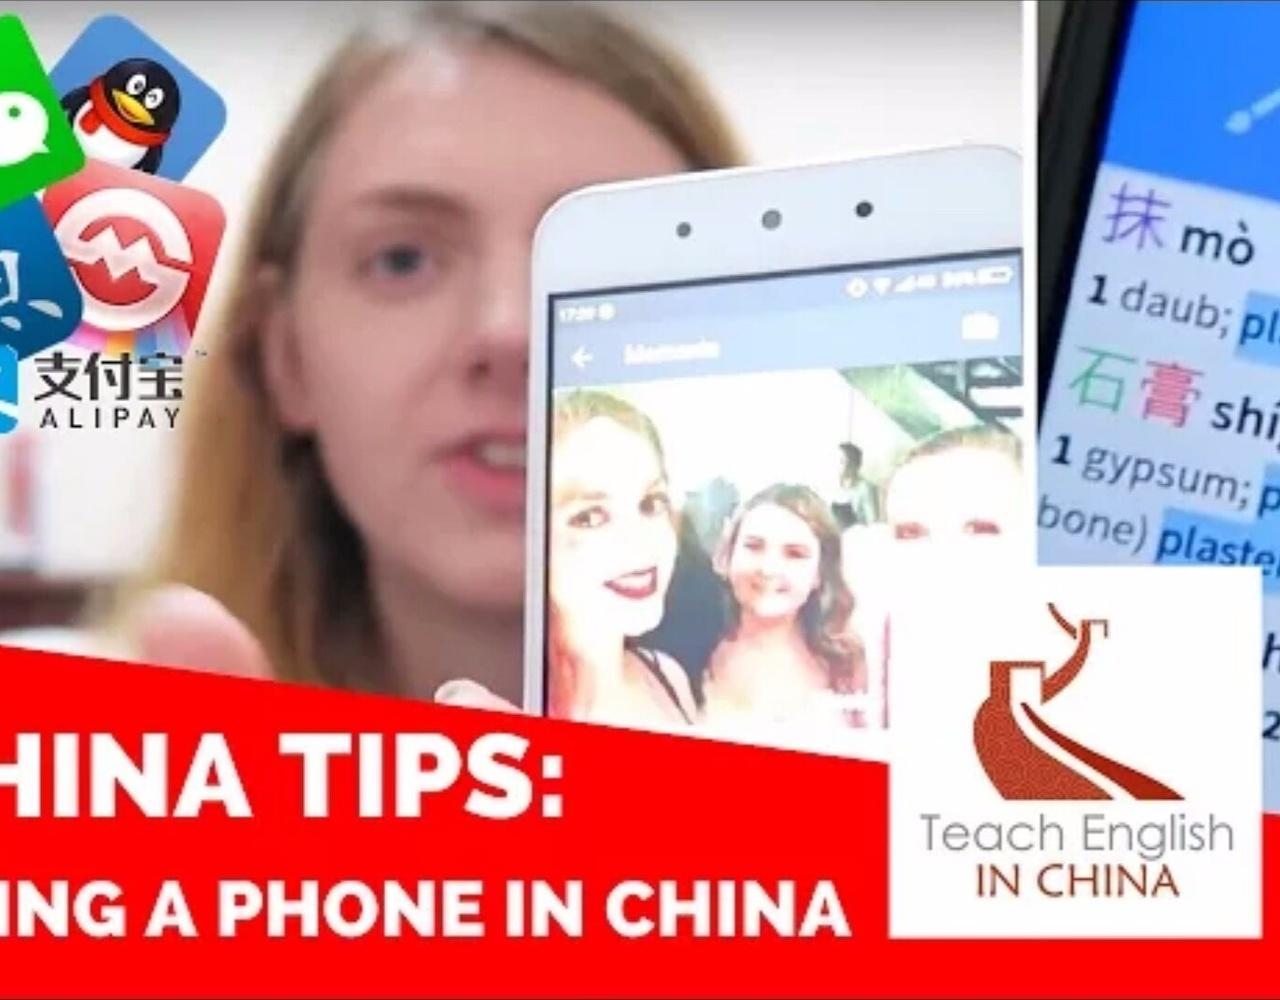 洋妞跟你讨论一下中国的几款app [生肉]